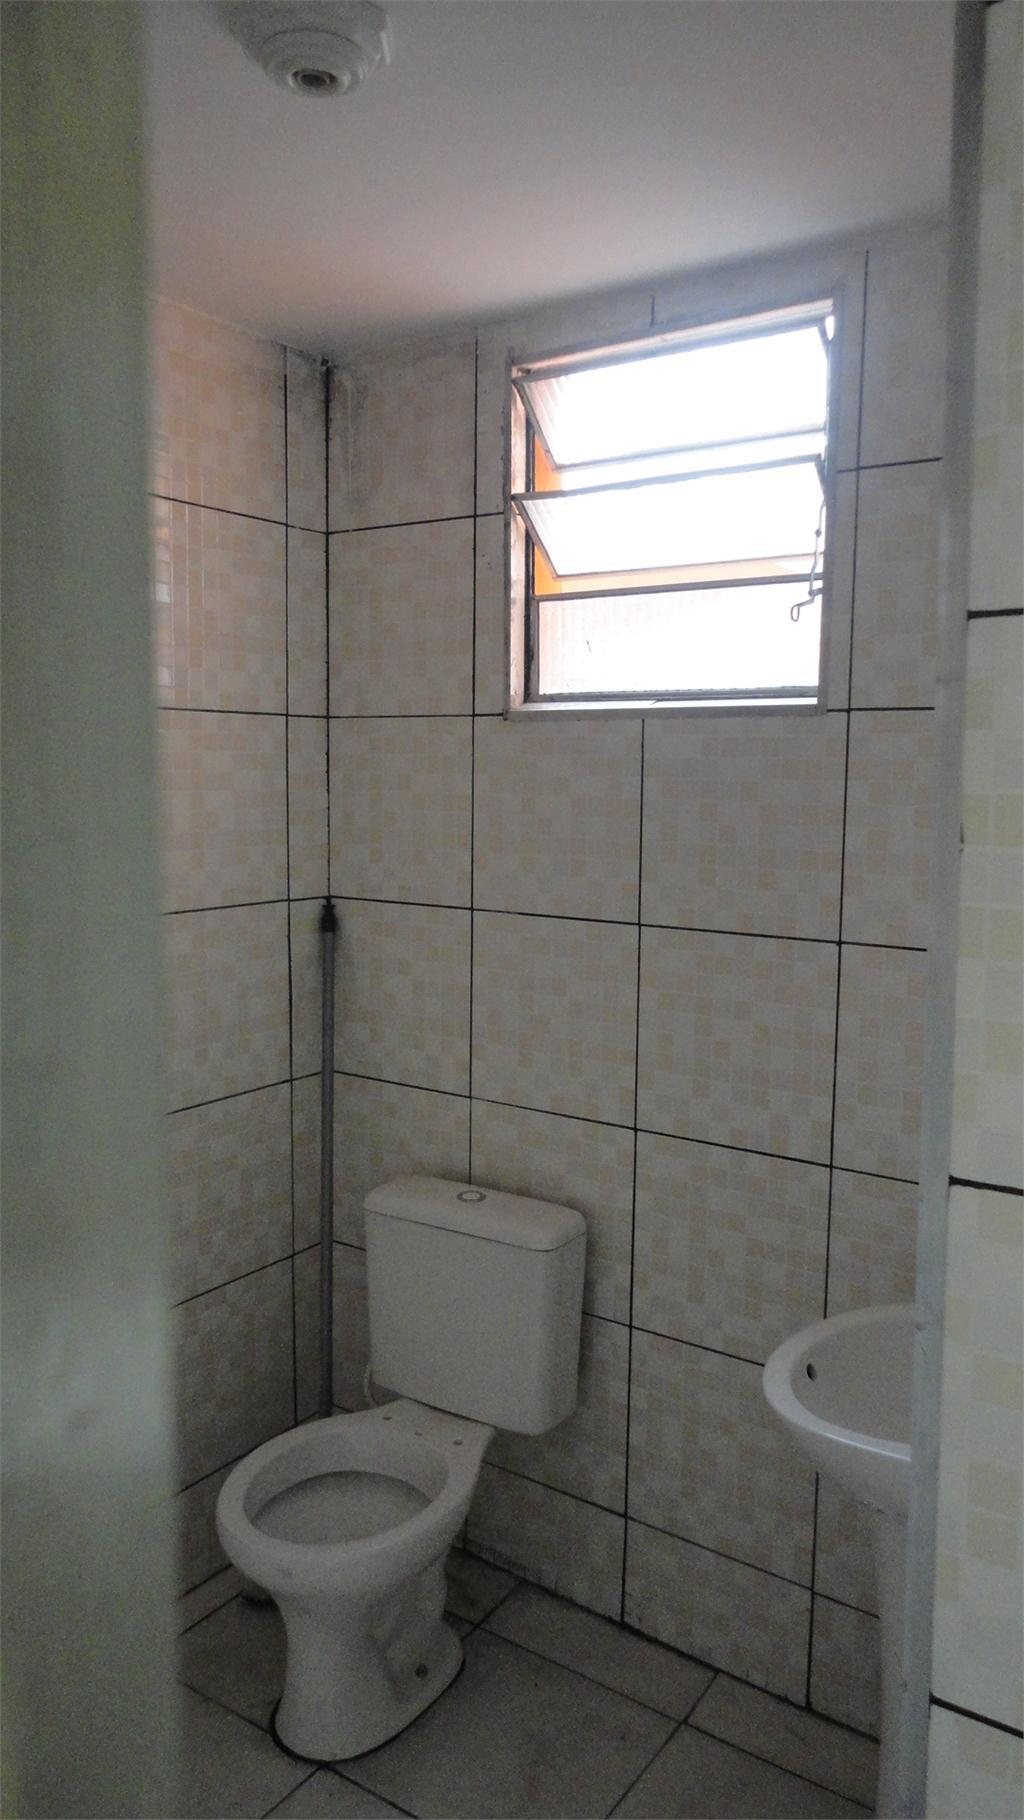 Casa 3 Dorm, Parque Residencial Jundiaí, Jundiaí (304745) - Foto 4